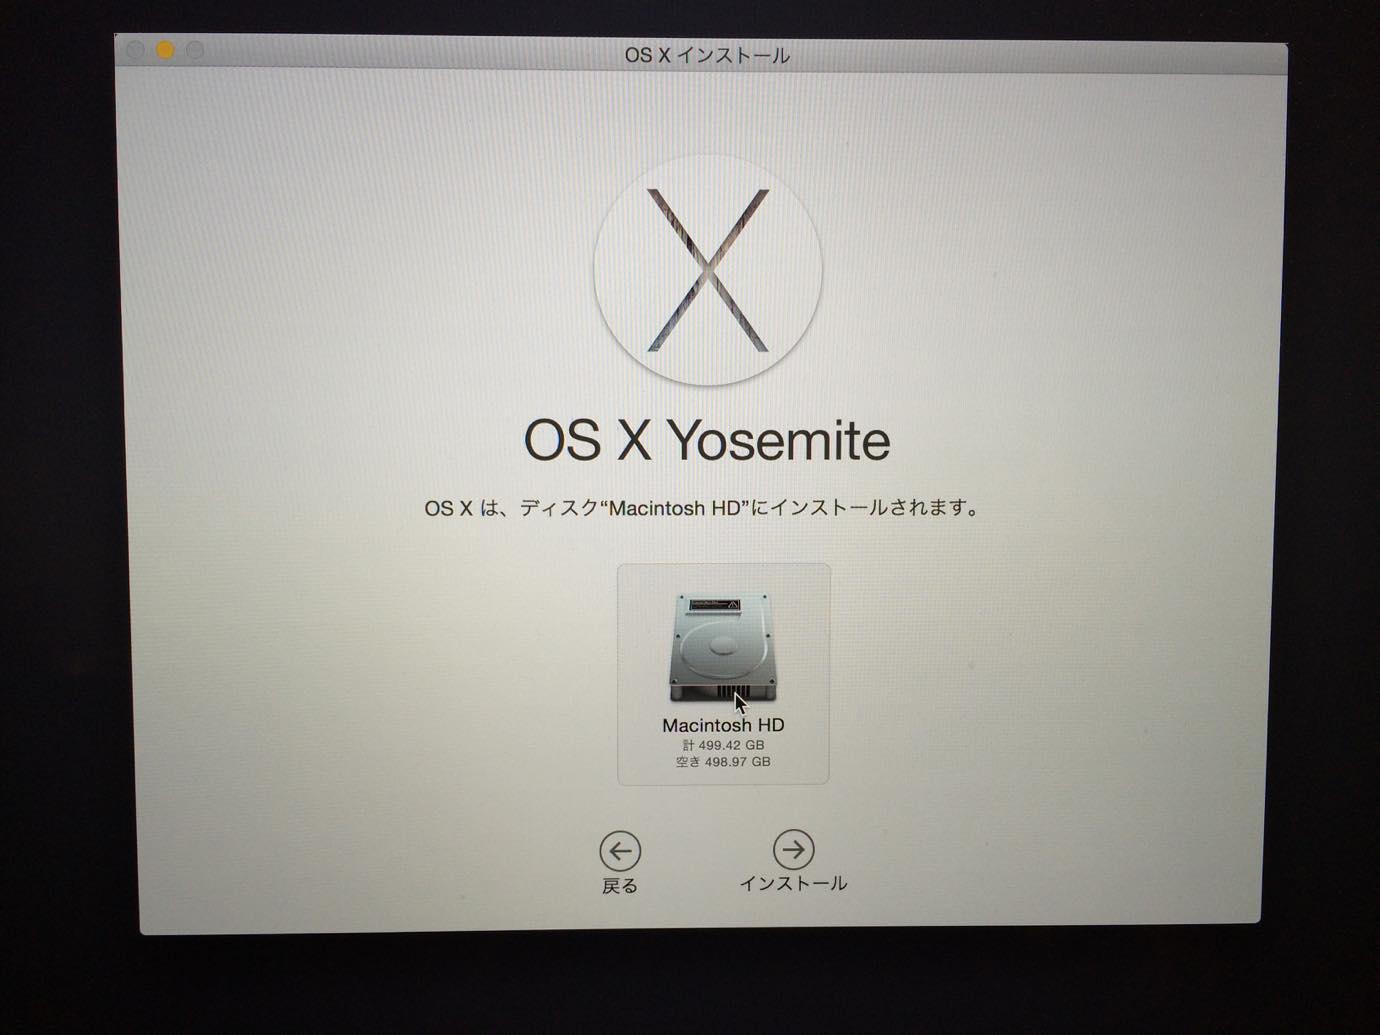 Yosemite clean 14 20141223 212959